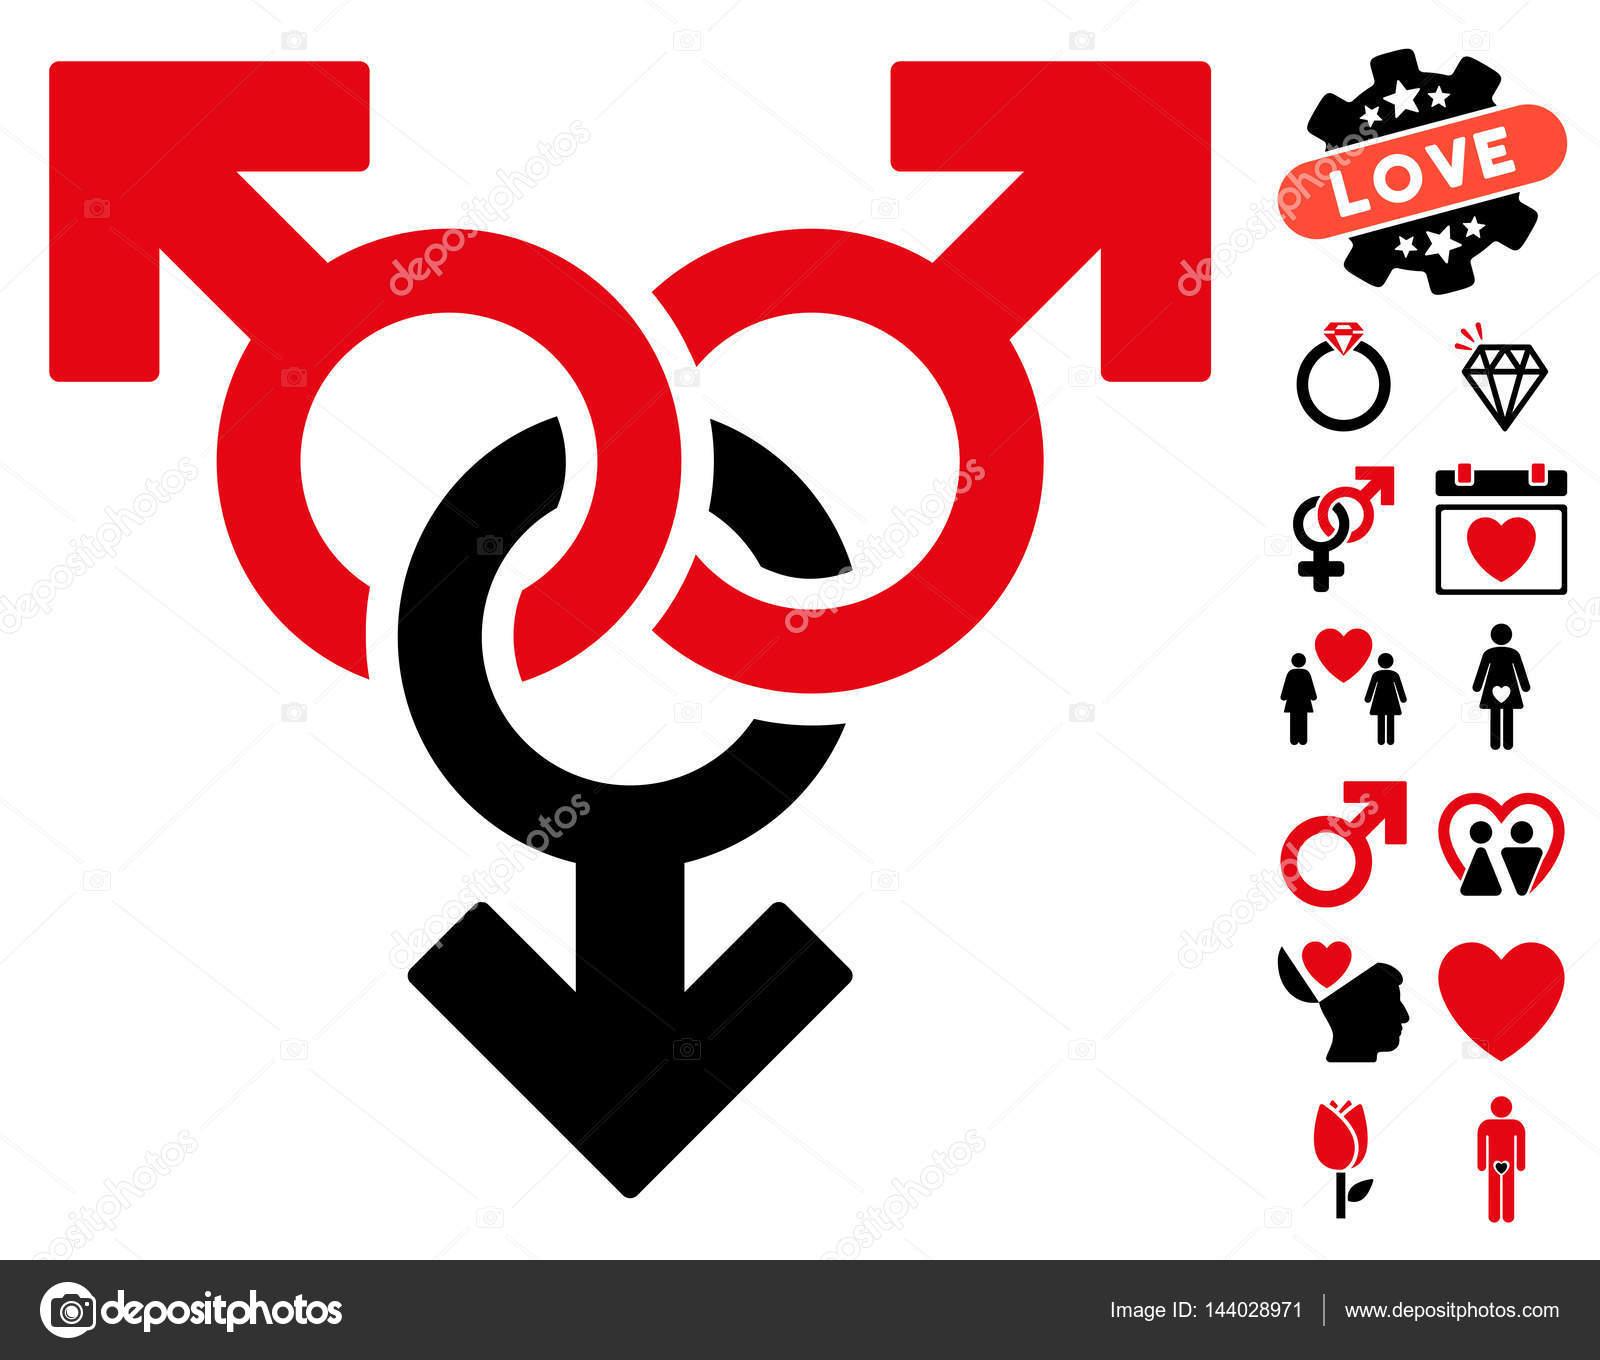 pomalý vášnivý lesbický sex